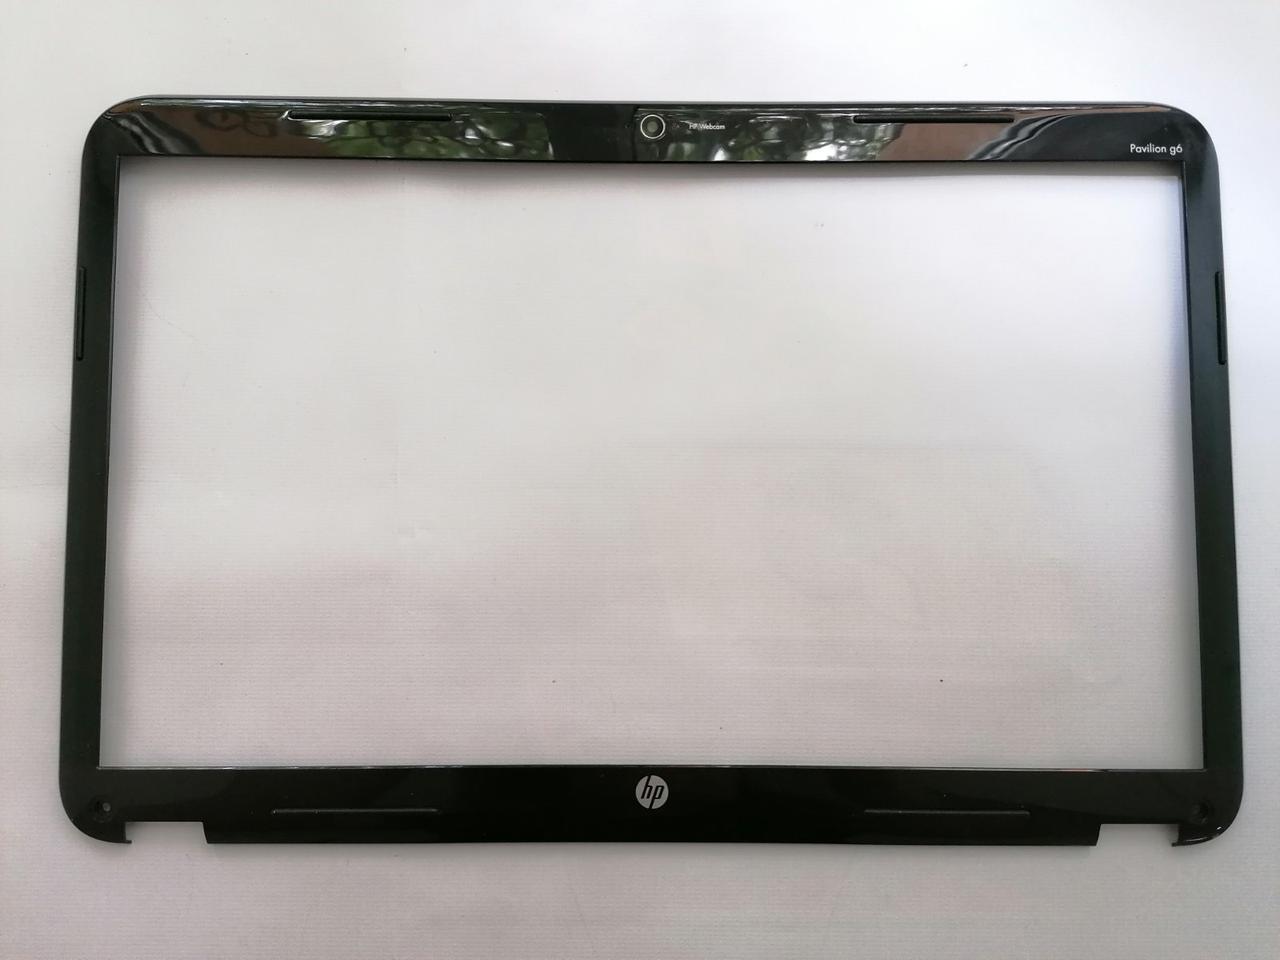 Б/У корпус рамка матрицы для HP Pavilion G6-2000  G6-2100 G6-2200 Series - 684165-001 / 38R36LBTP00